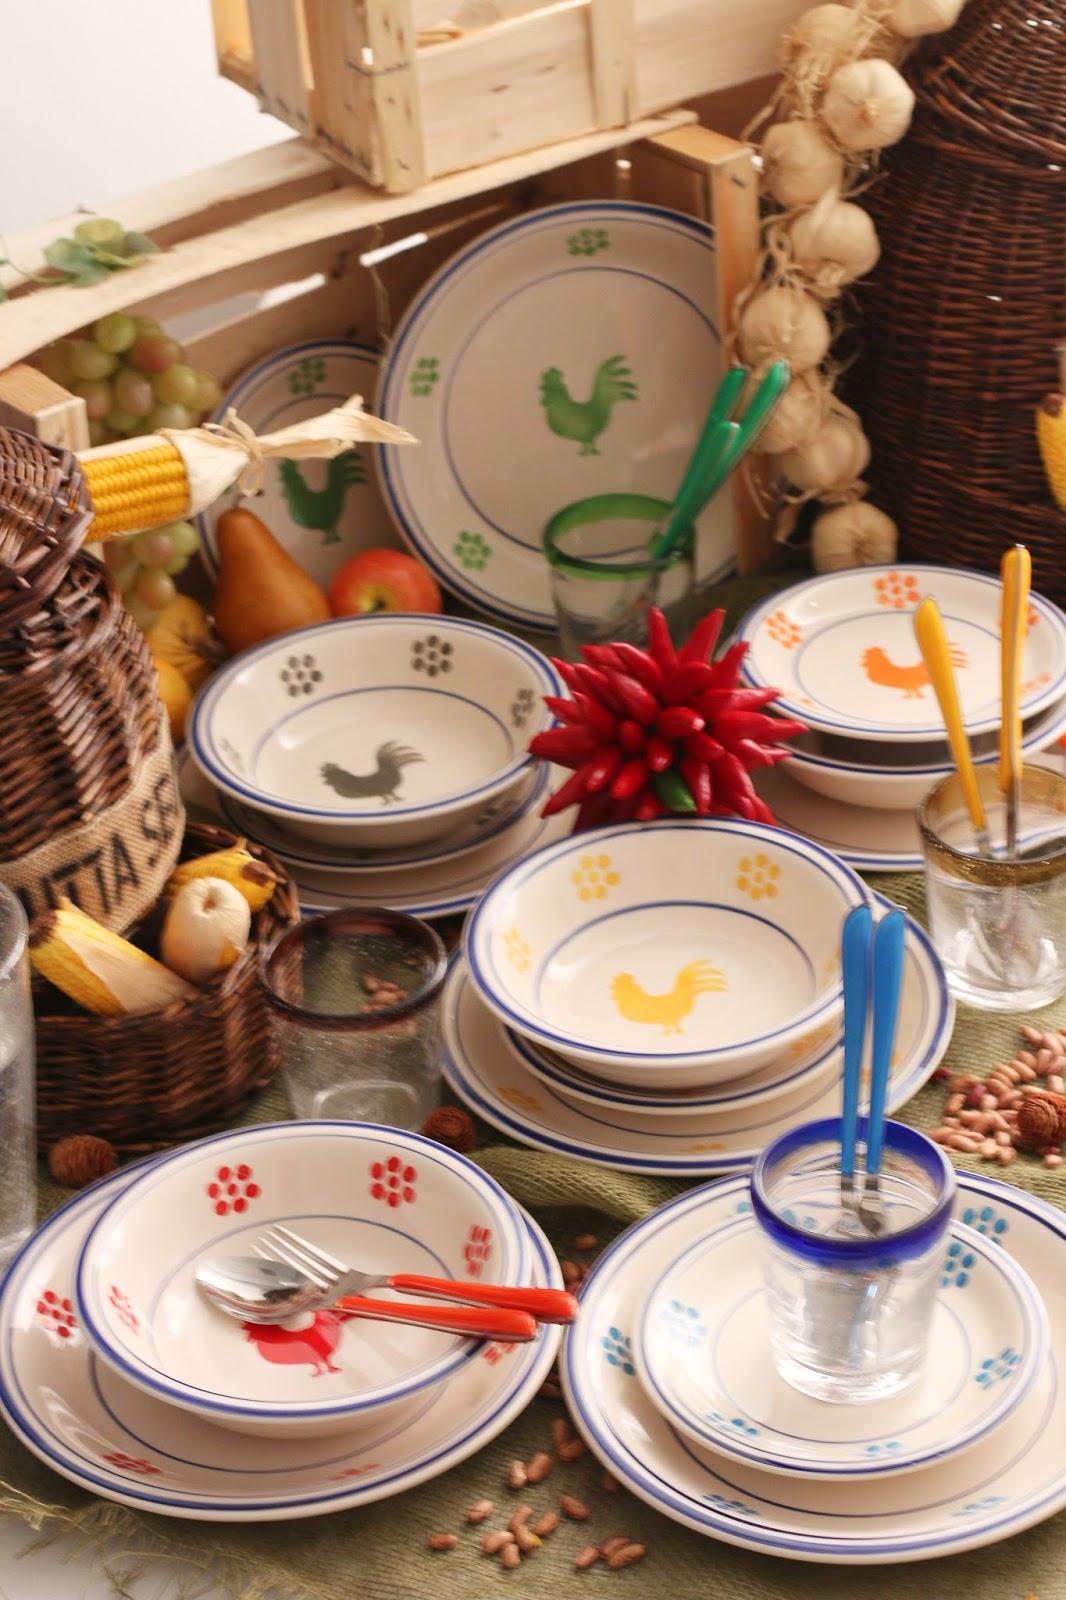 Servizio di piatti colorati for Servizio di piatti